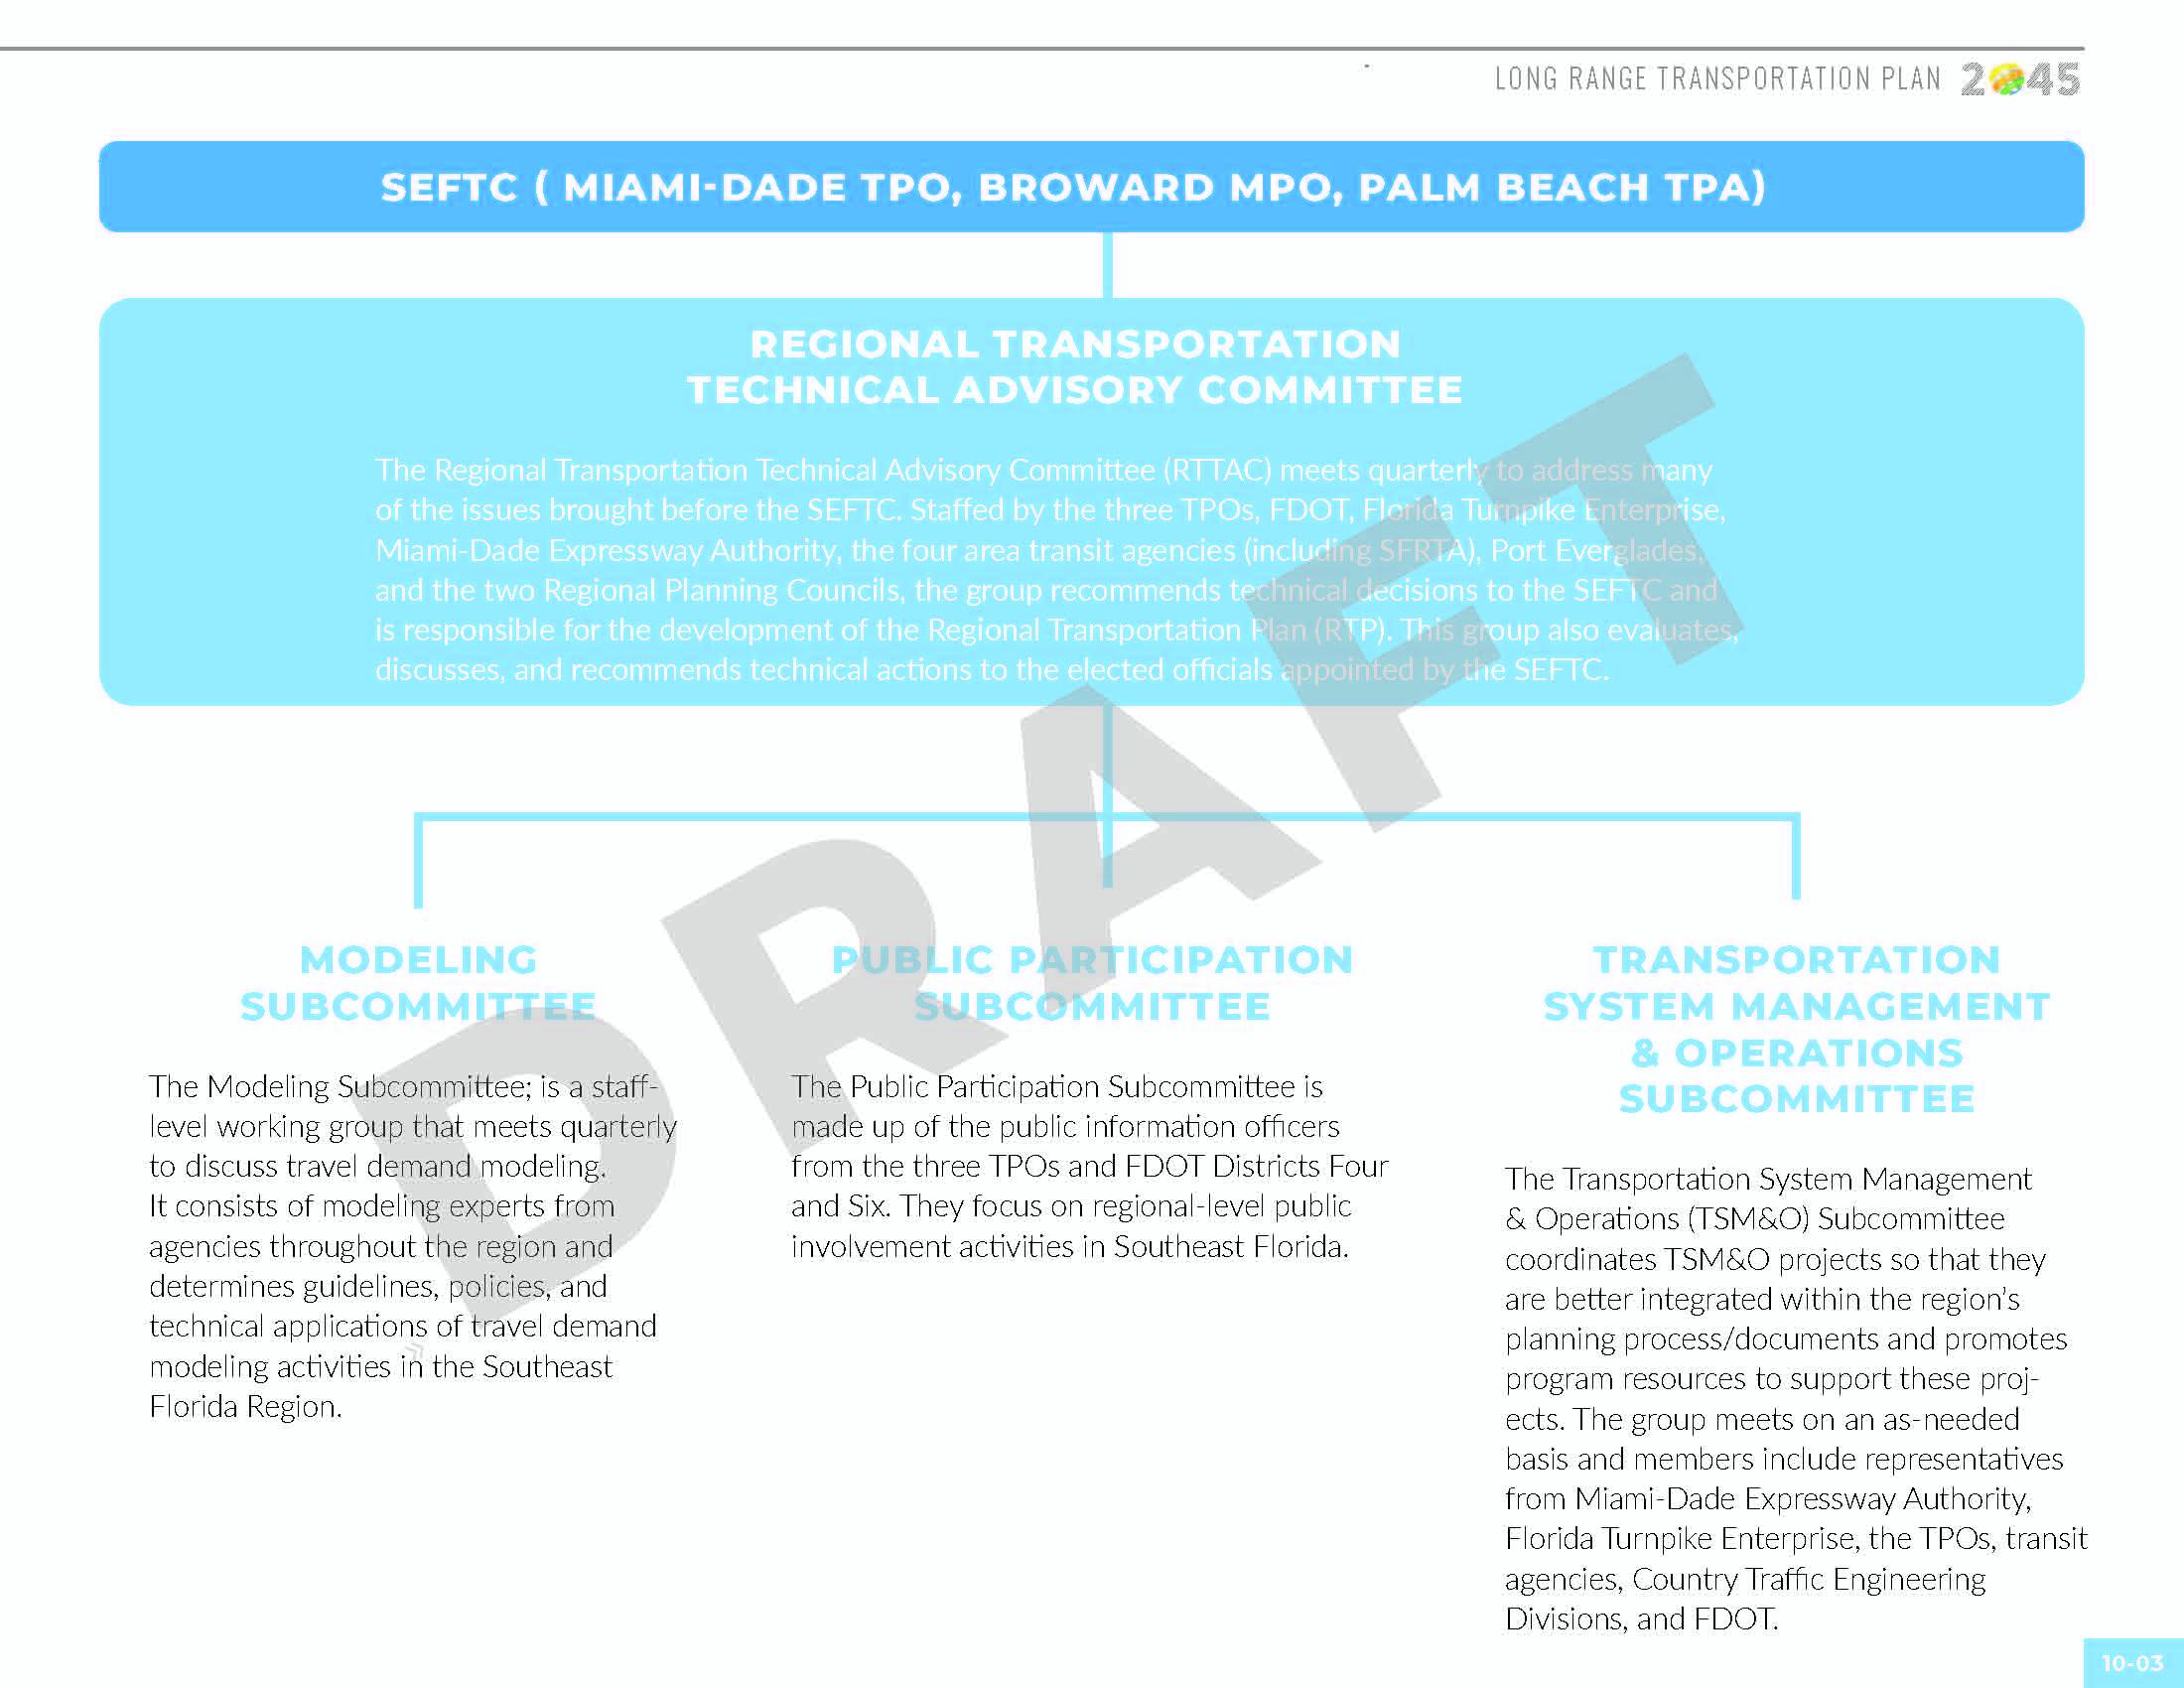 LRTP_072319_Page_177.jpg